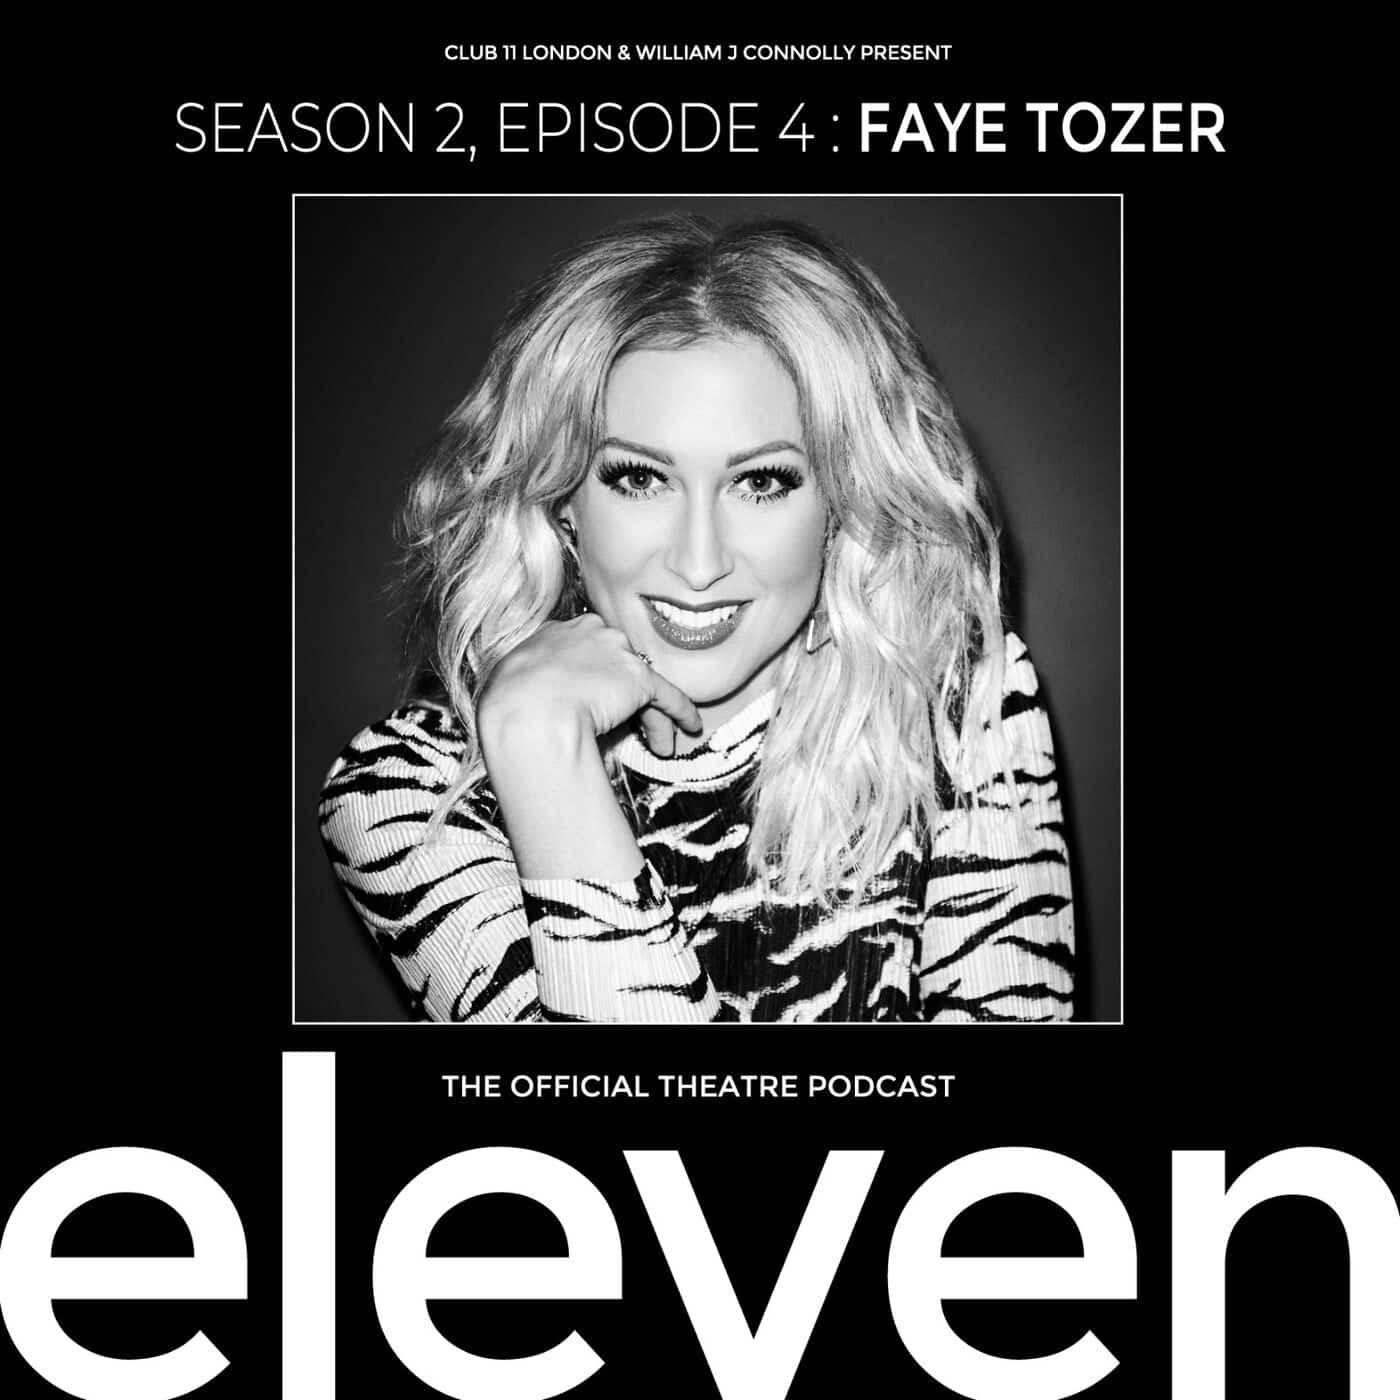 S2 Ep4: Faye Tozer